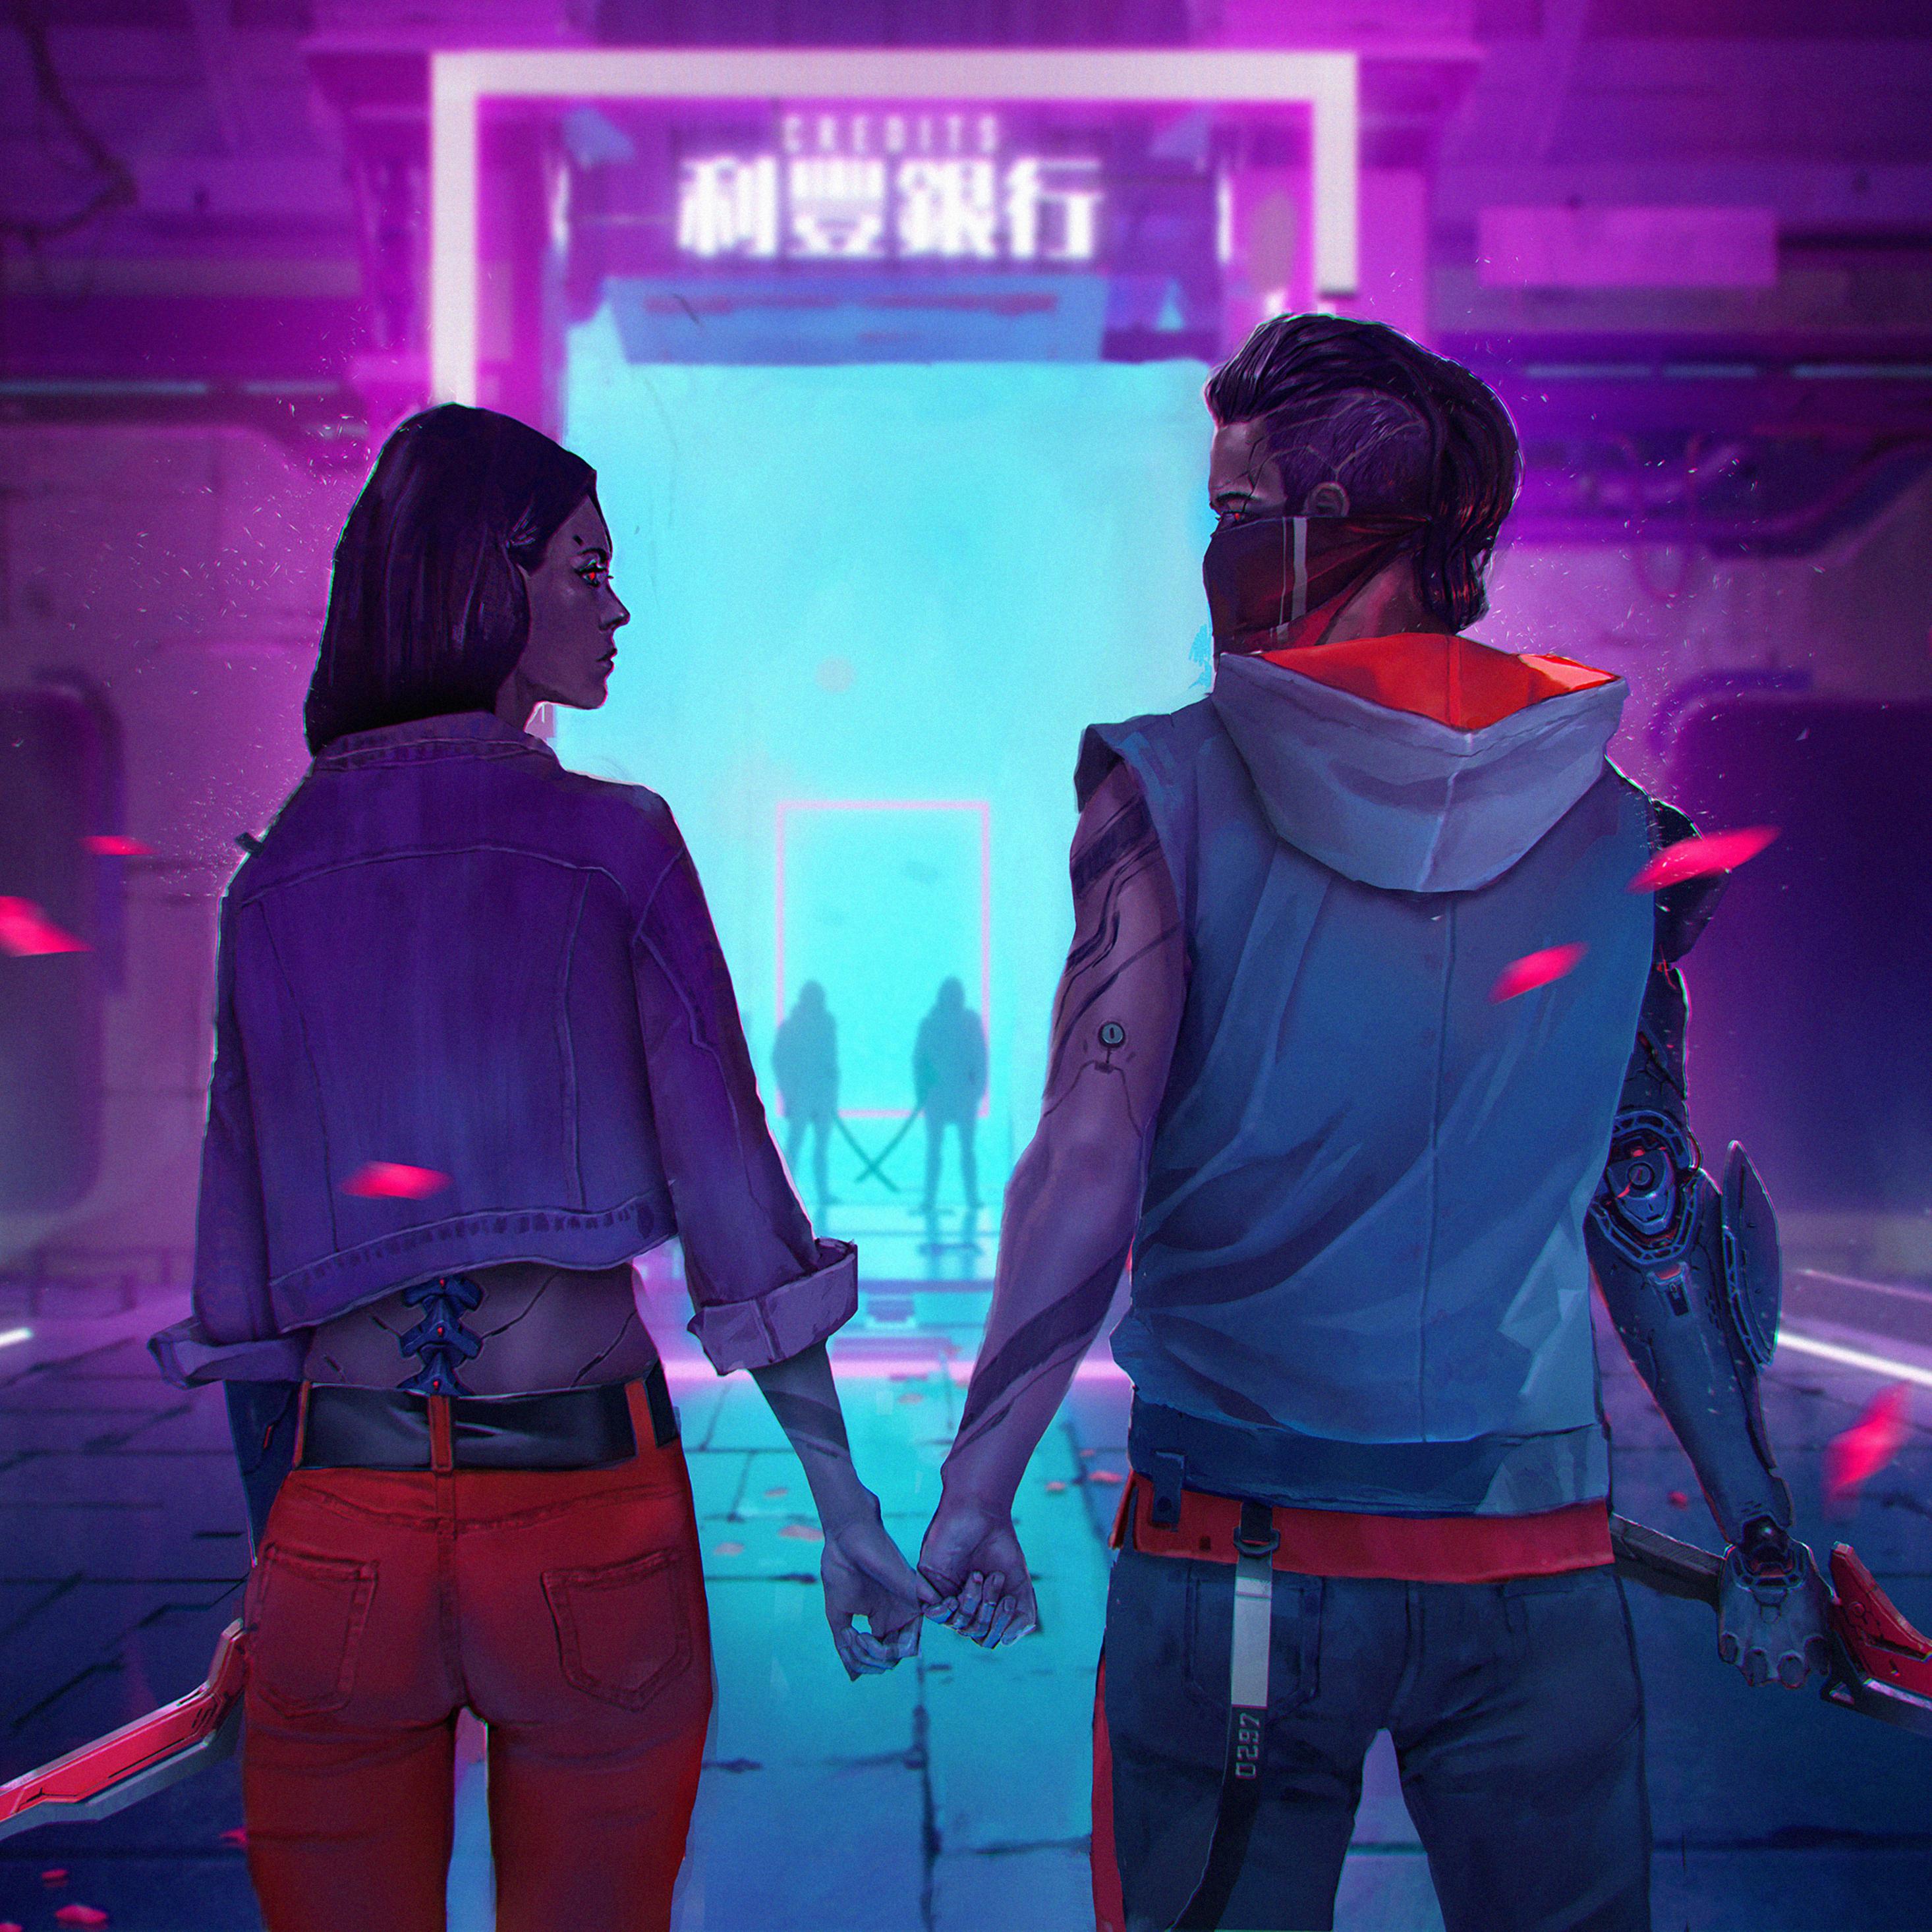 cyborg-couple-5d.jpg